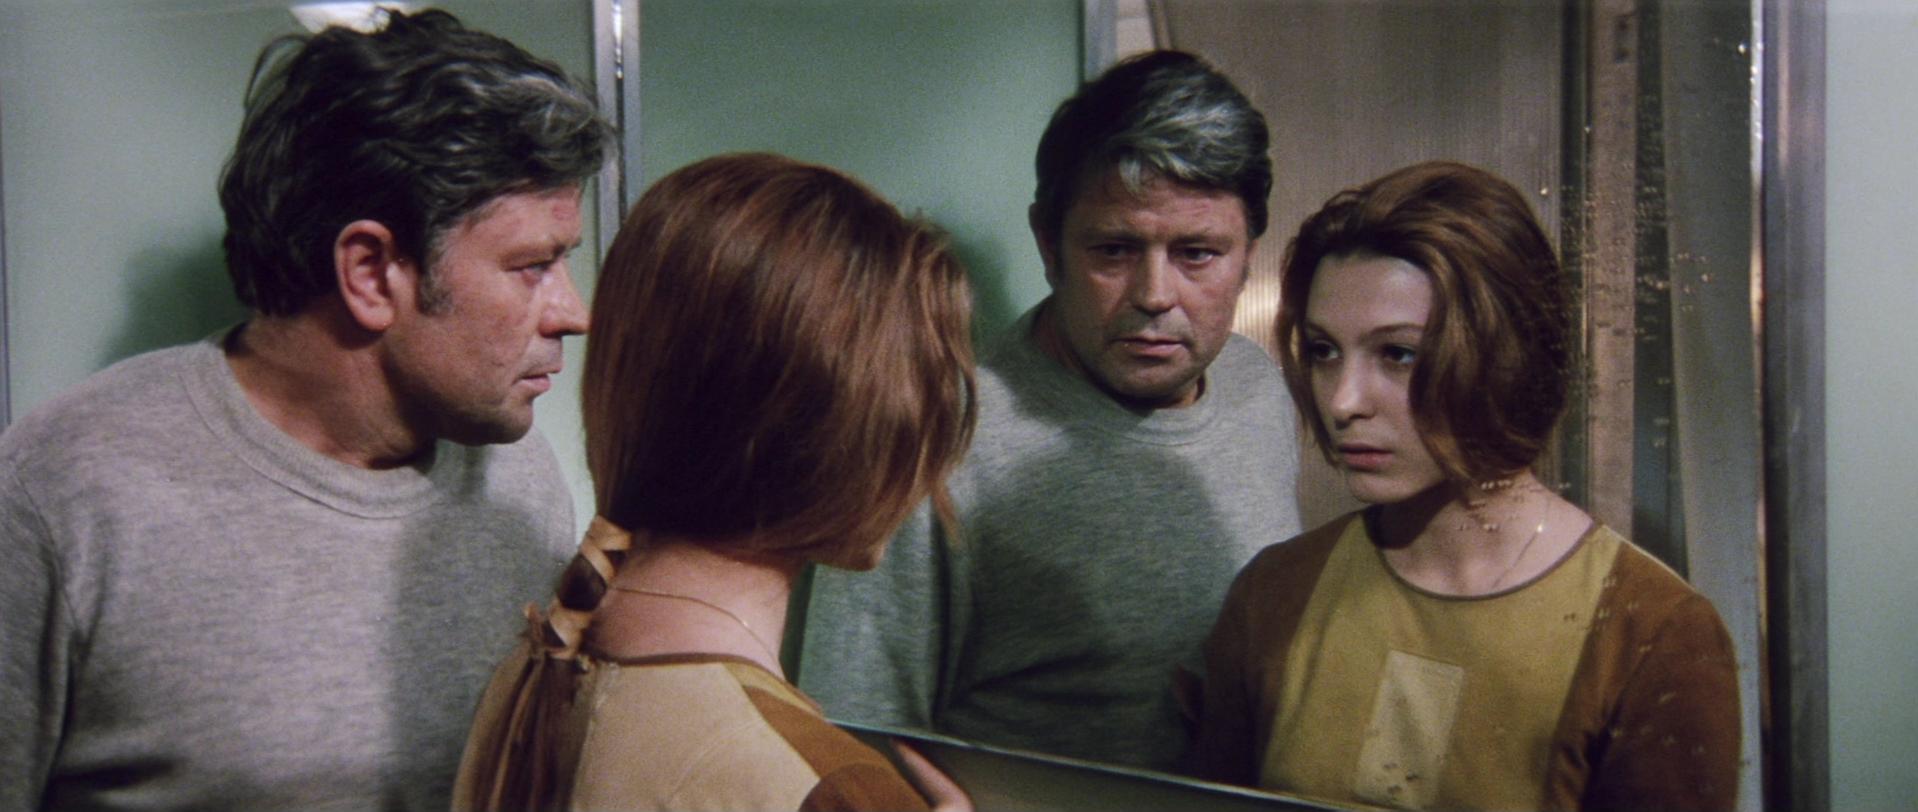 «Солярис», драма (1972 г., Андрей Тарковский)